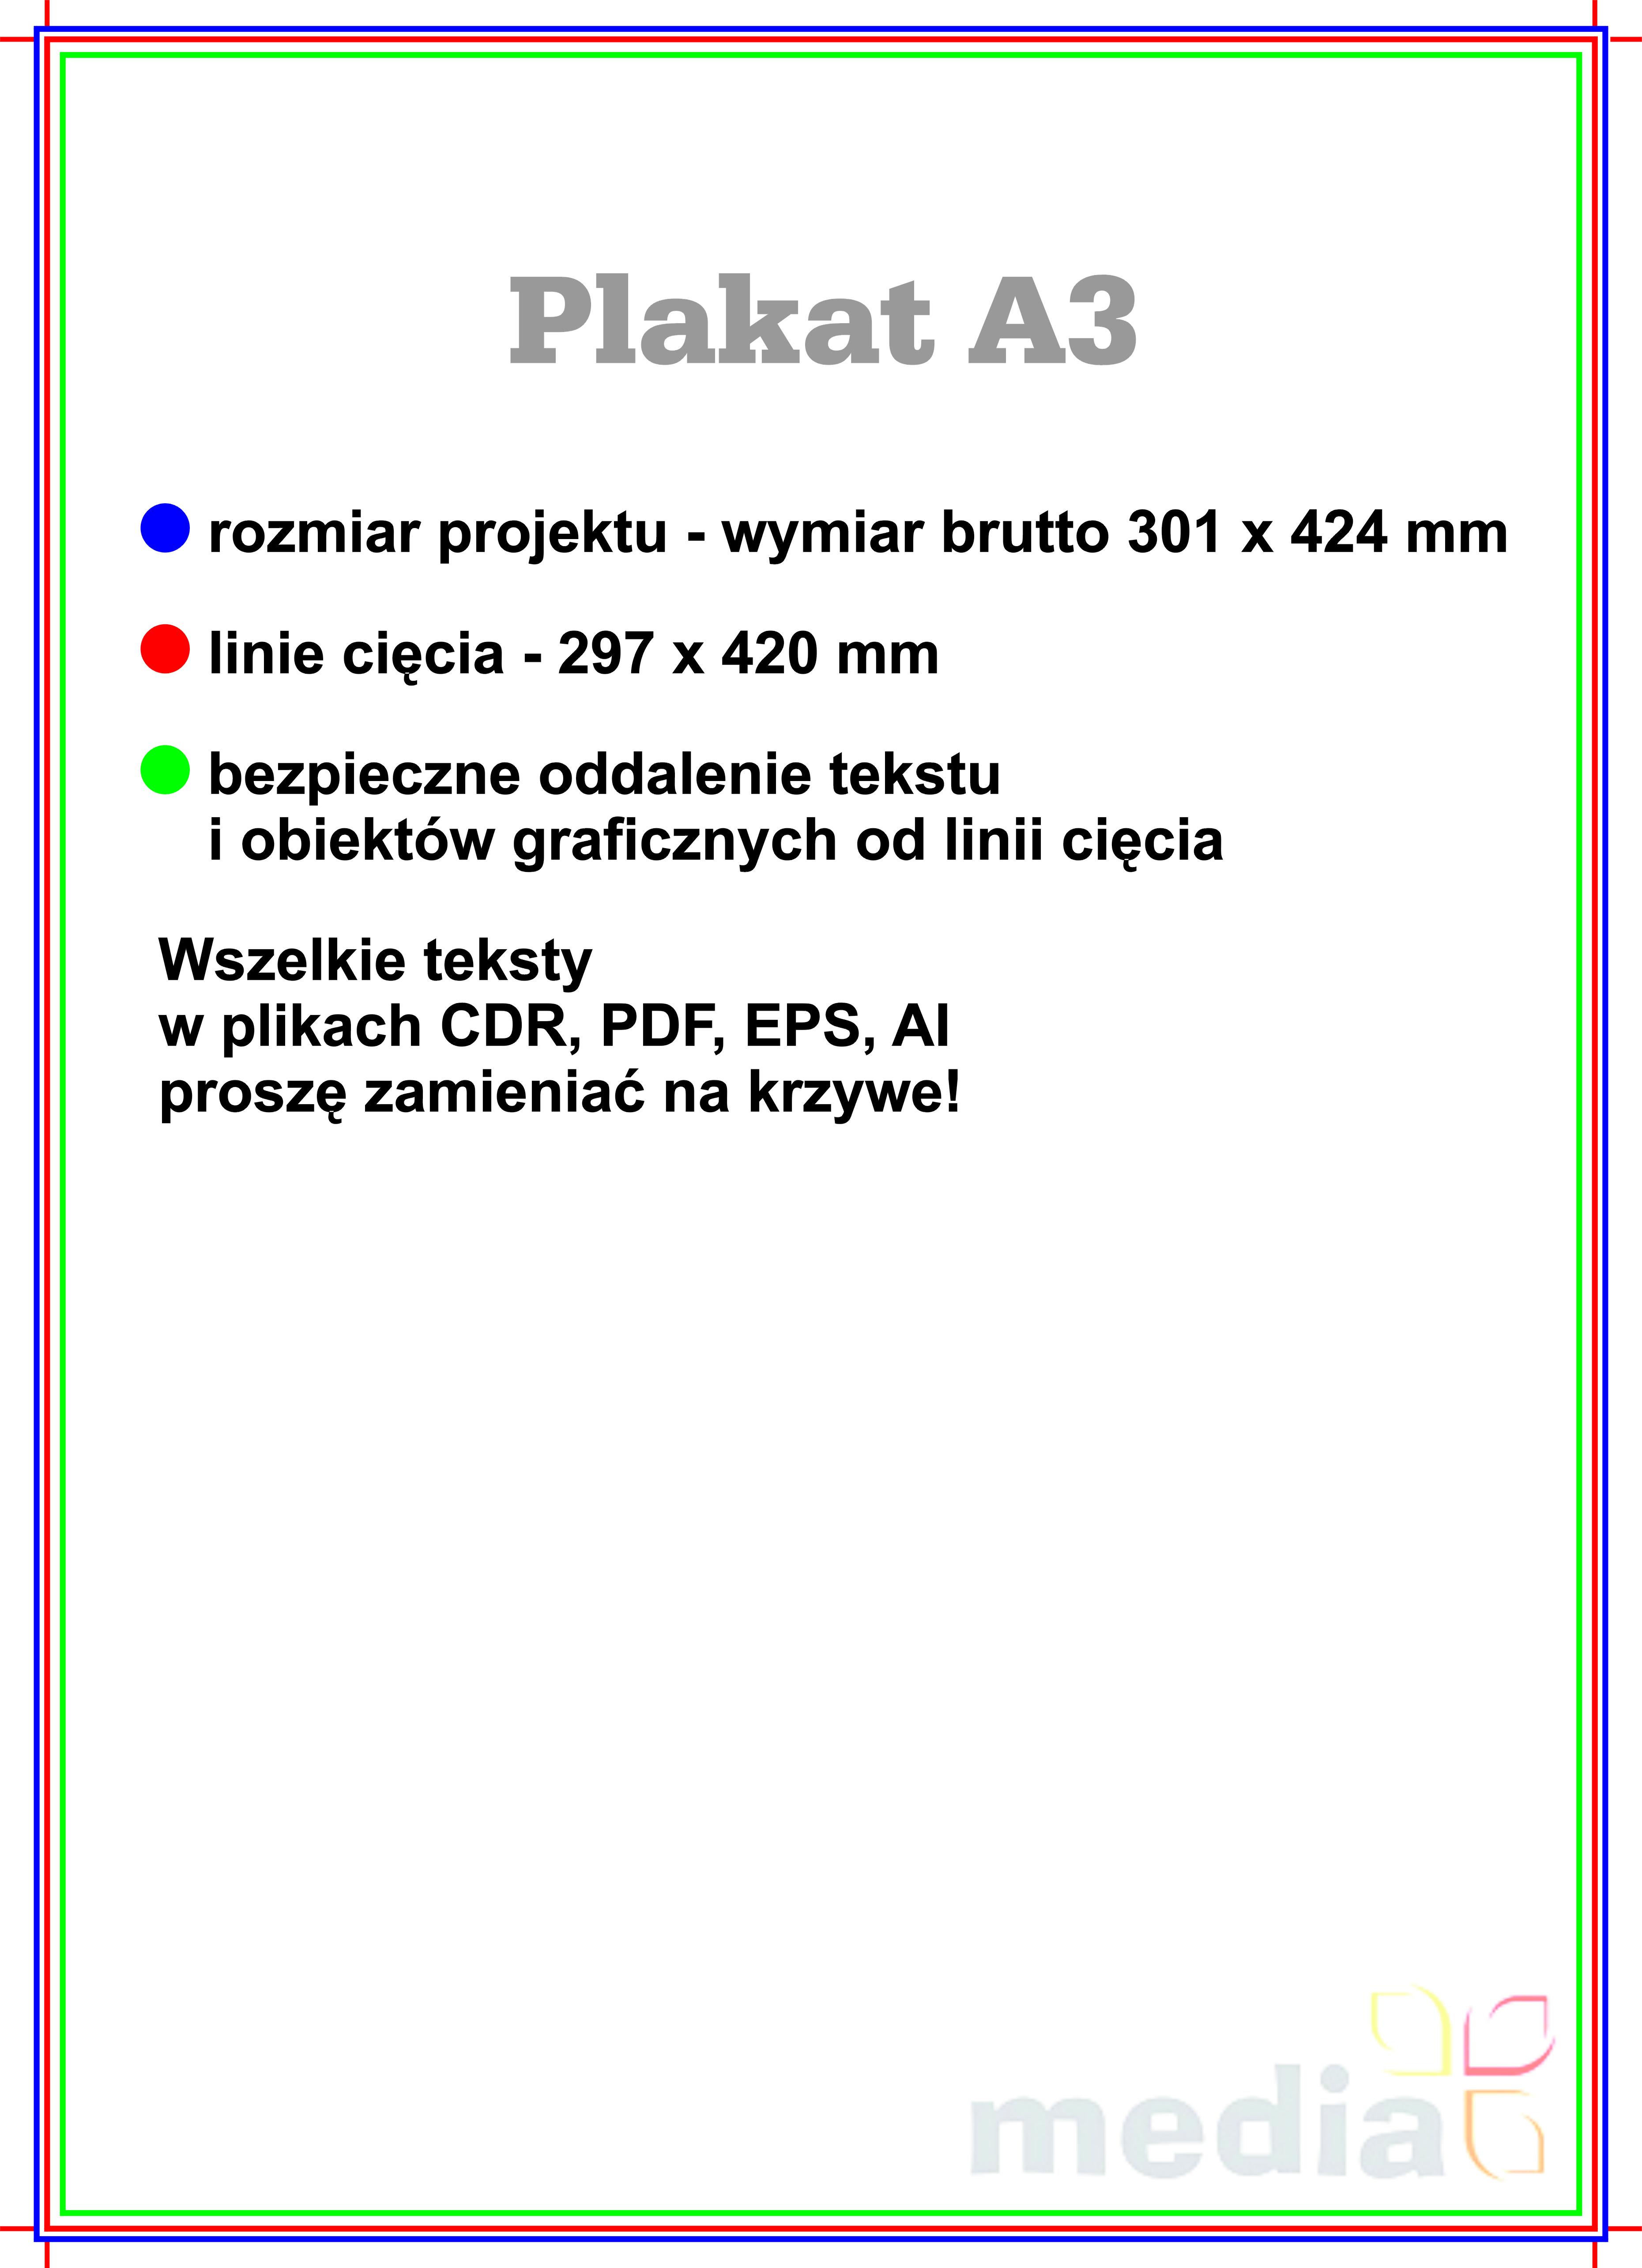 Druk Plakatów Wybierz Format Media Drukarnia